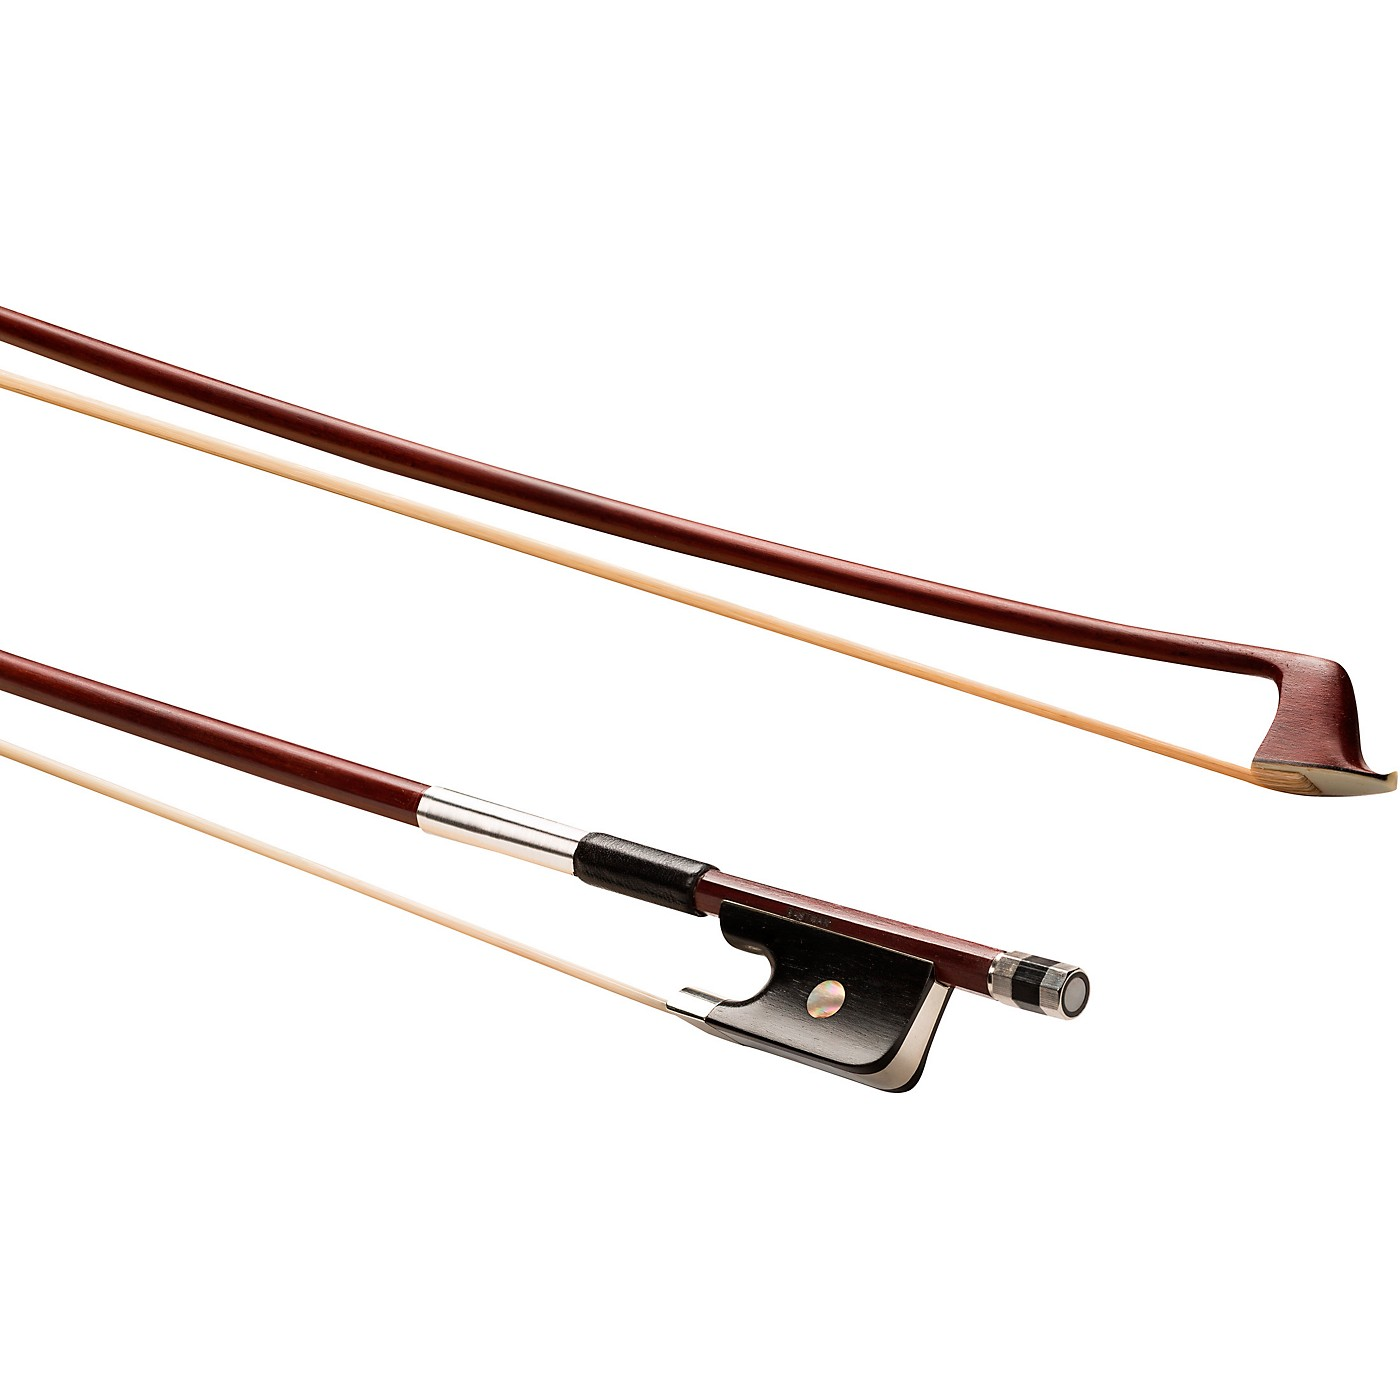 Eastman BC20 Series Brazilwood Cello Bow thumbnail